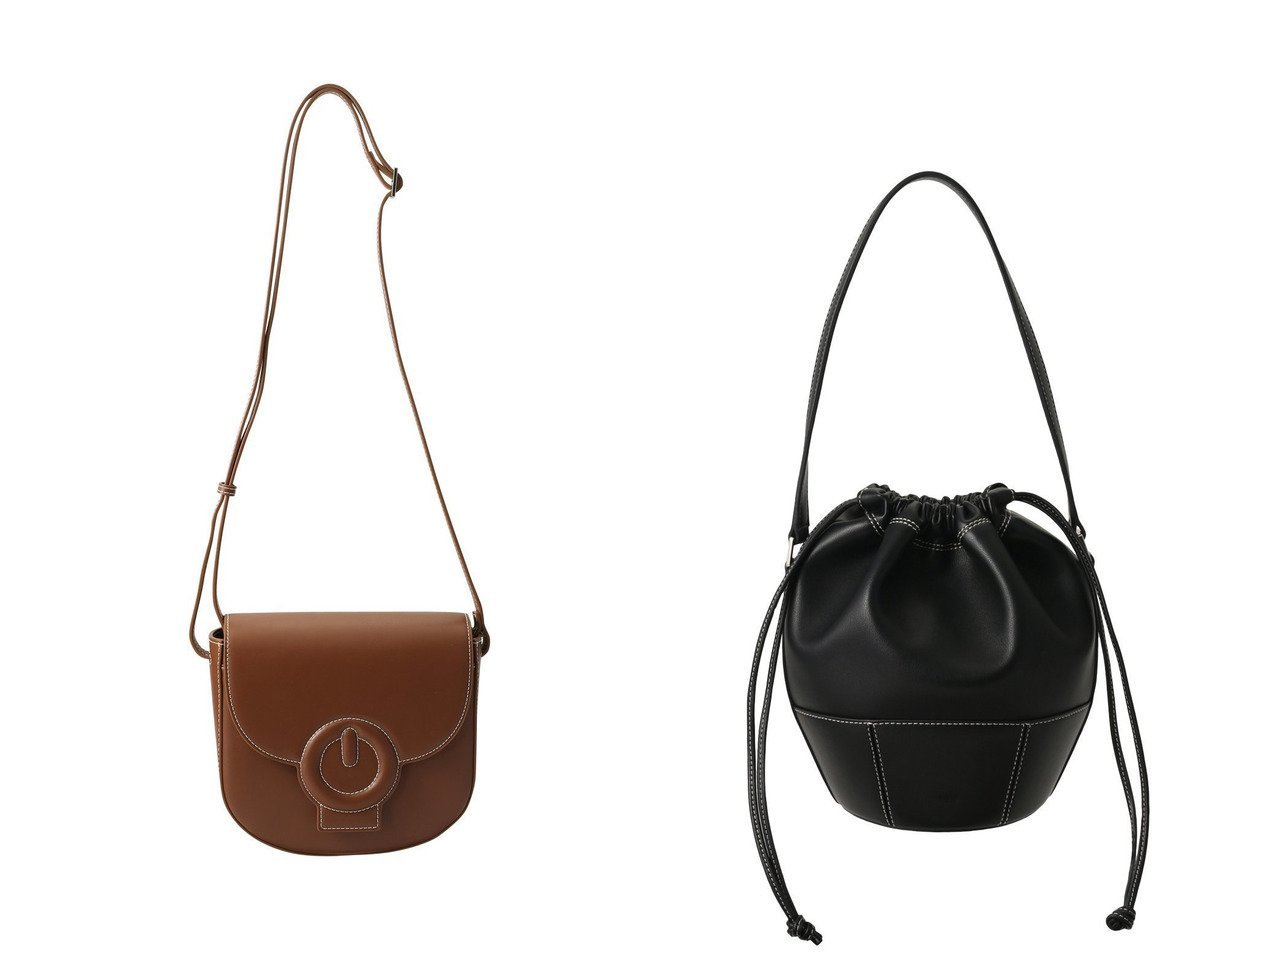 【VASIC/ヴァジック】のPier ロングショルダーバッグ&Gem 2wayハンドバッグ バッグ・鞄のおすすめ!人気トレンド・レディースファッションの通販 おすすめで人気のファッション通販商品 インテリア・家具・キッズファッション・メンズファッション・レディースファッション・服の通販 founy(ファニー) https://founy.com/ ファッション Fashion レディース WOMEN バッグ Bag コンパクト ショルダー フォルム フラップ ポシェット ロング 財布 なめらか ハンドバッグ バランス  ID:crp329100000006088